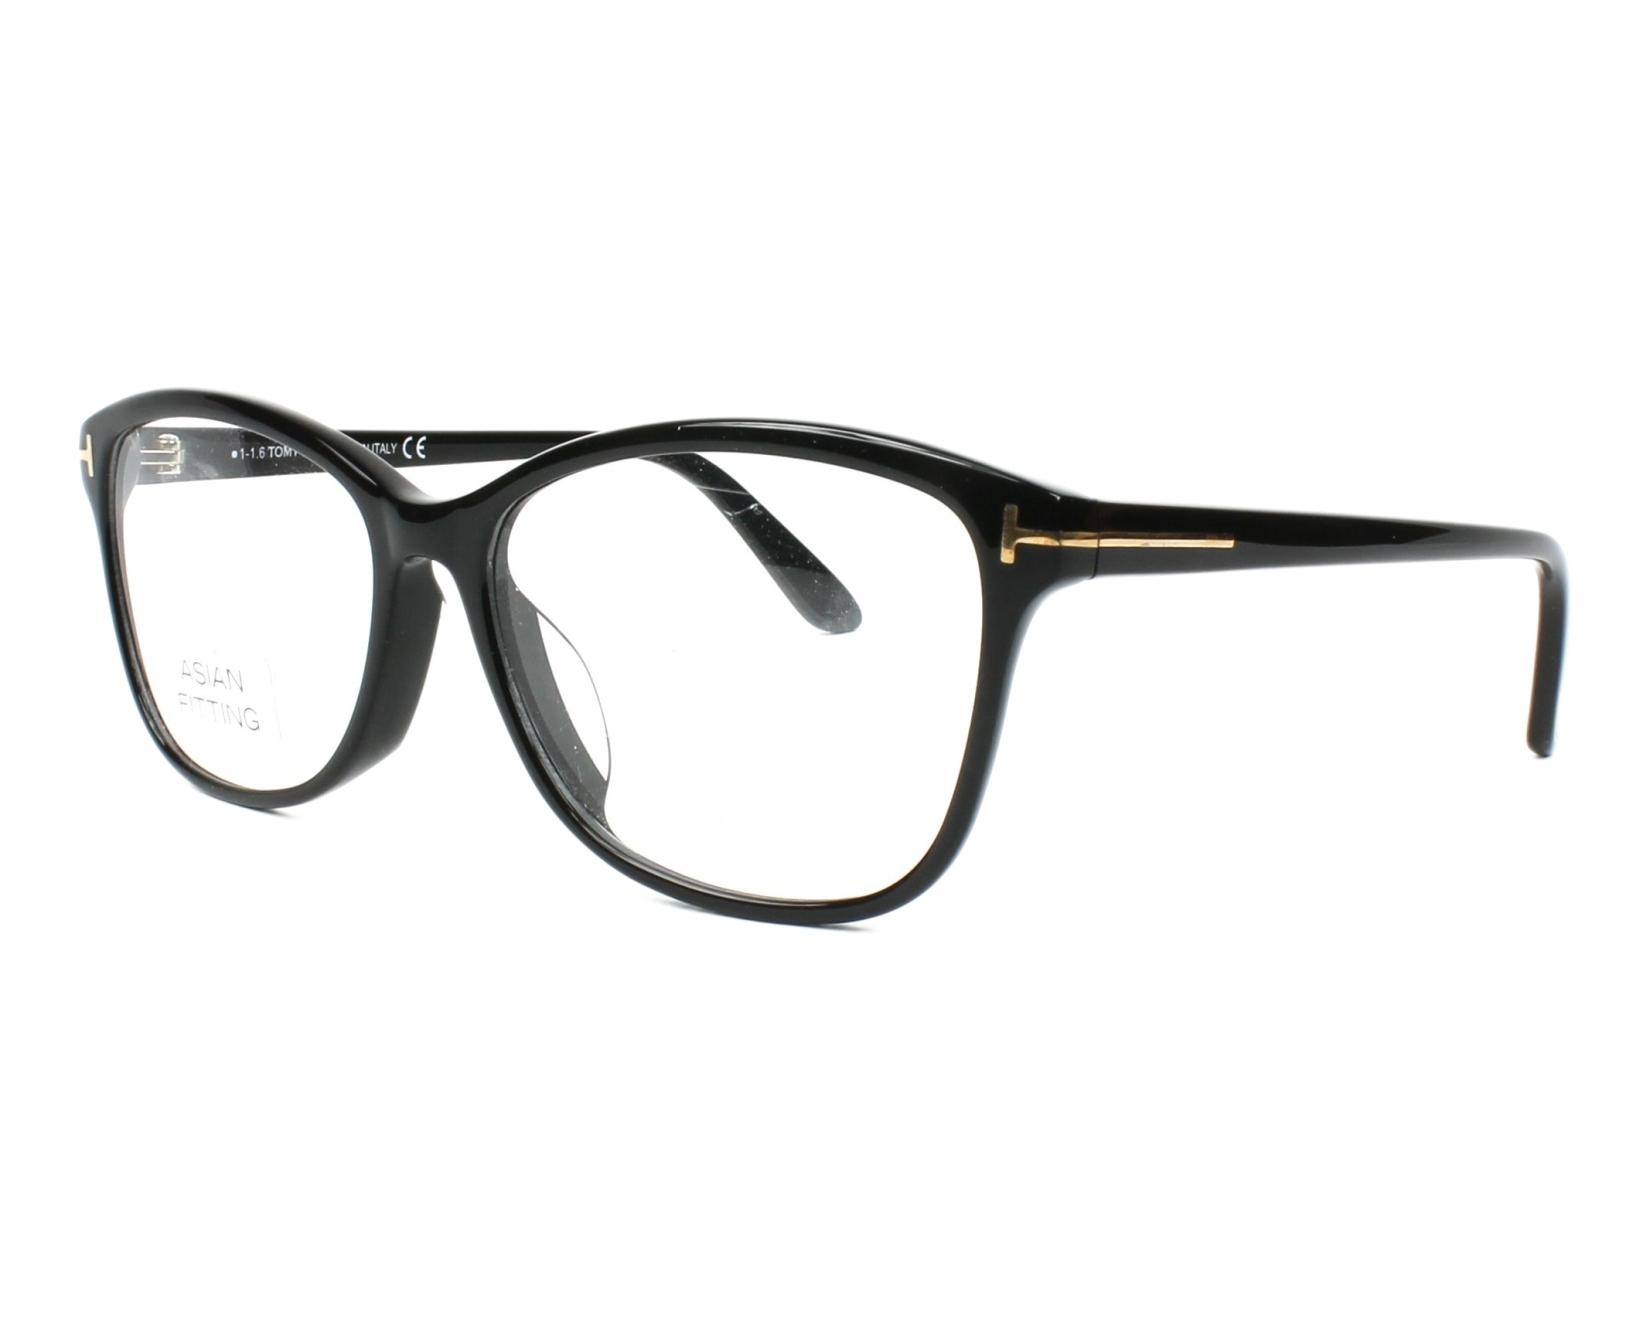 7437e64213202 eyeglasses Tom Ford TF-5404 001 - Black profile view